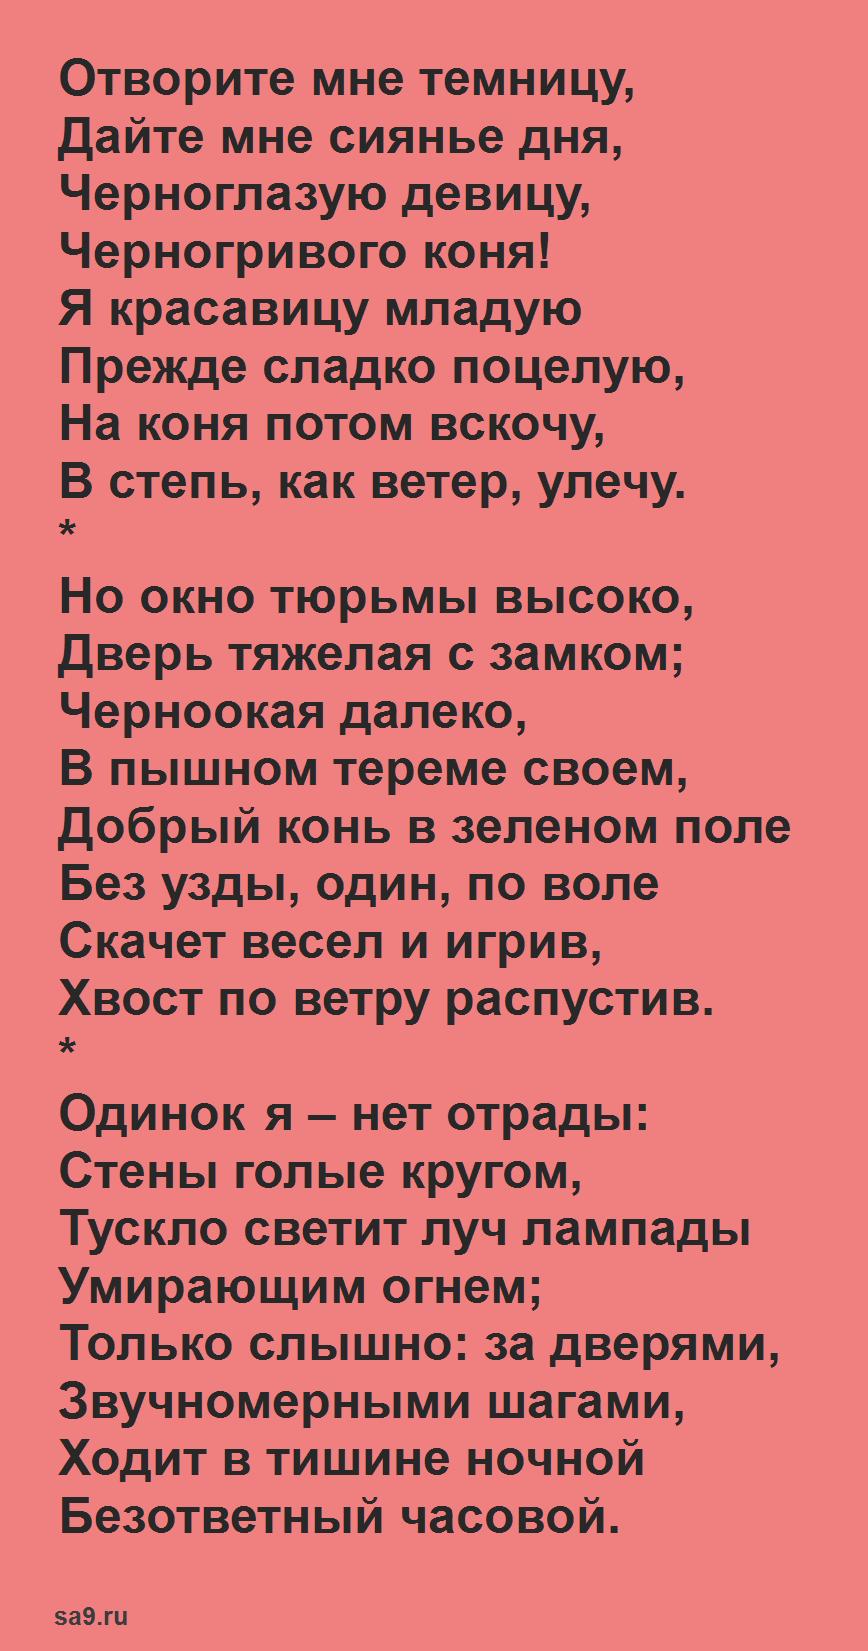 Грустные стихи Лермонтова - Узник